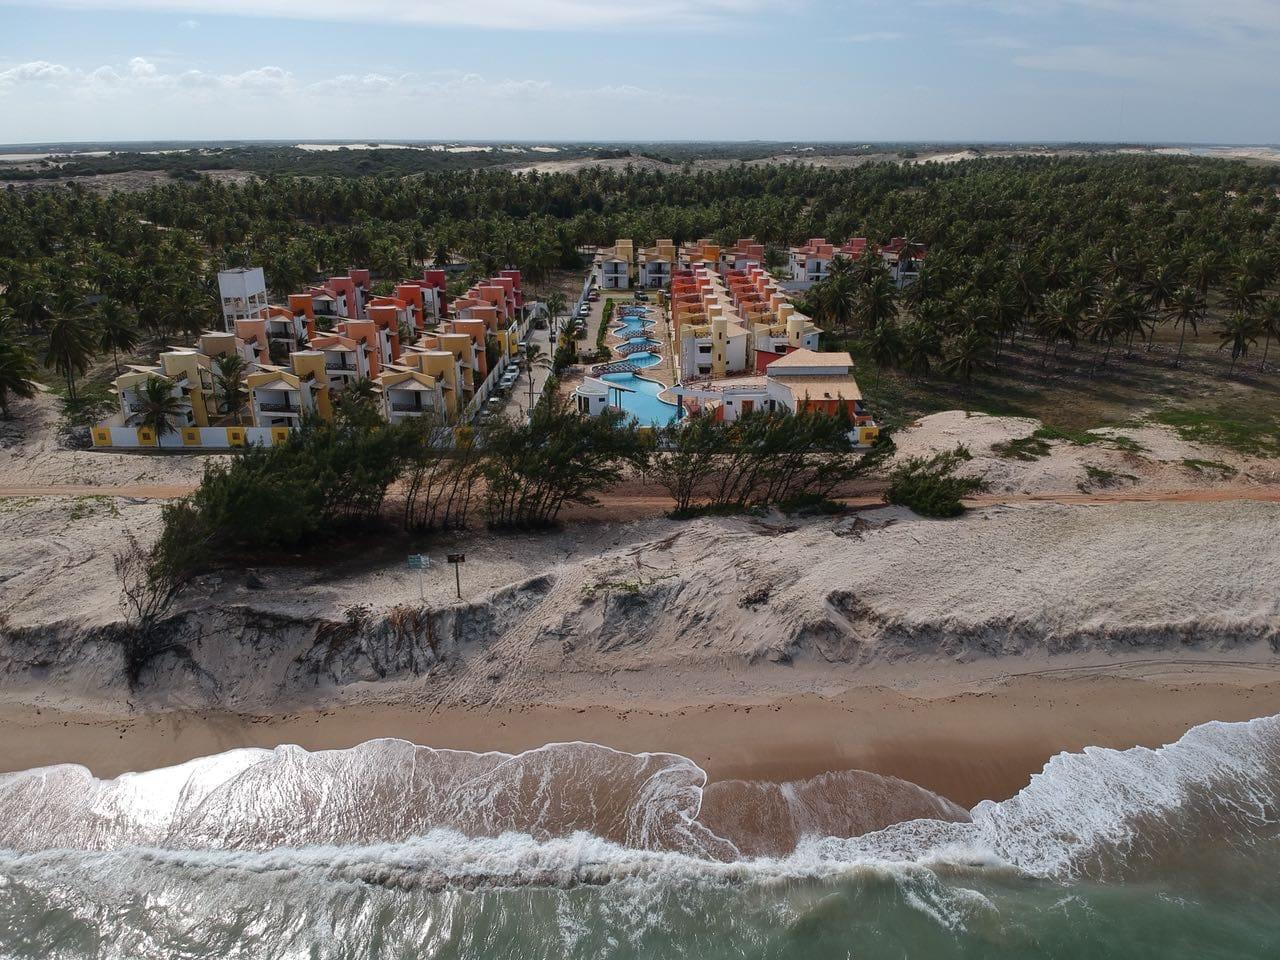 Imagen aérea do Condominio Paraíso de Maracajaú I